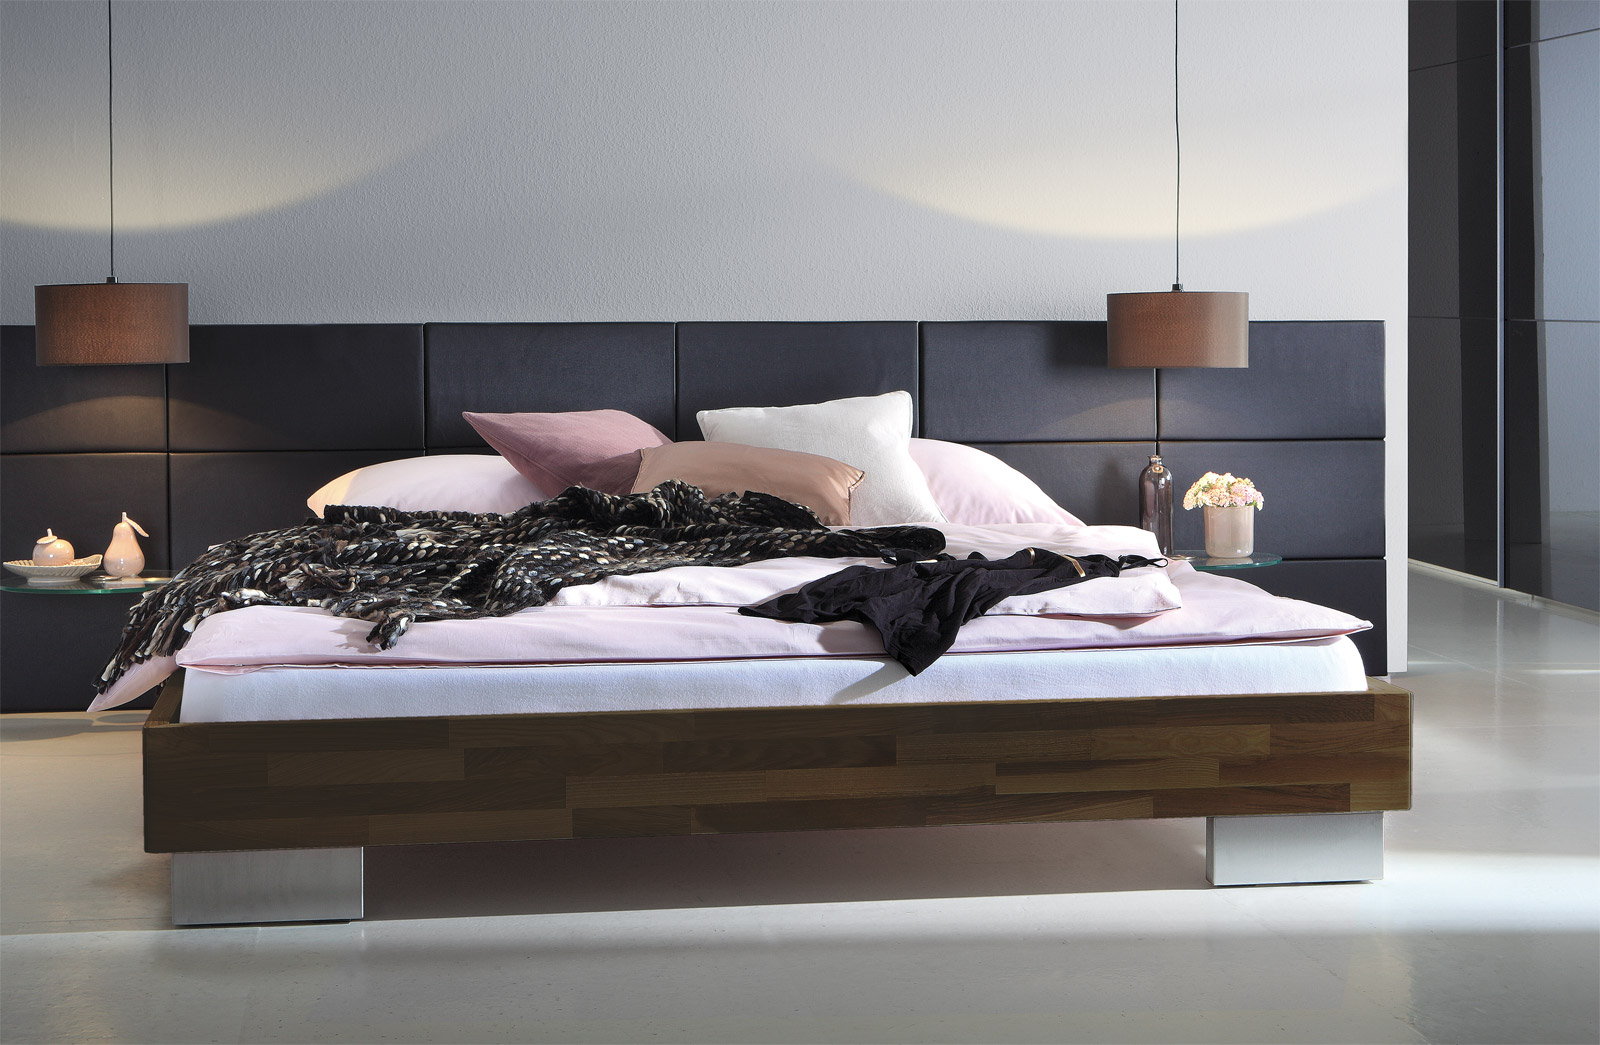 Schlafzimmer moderne betten ~ Übersicht Traum Schlafzimmer